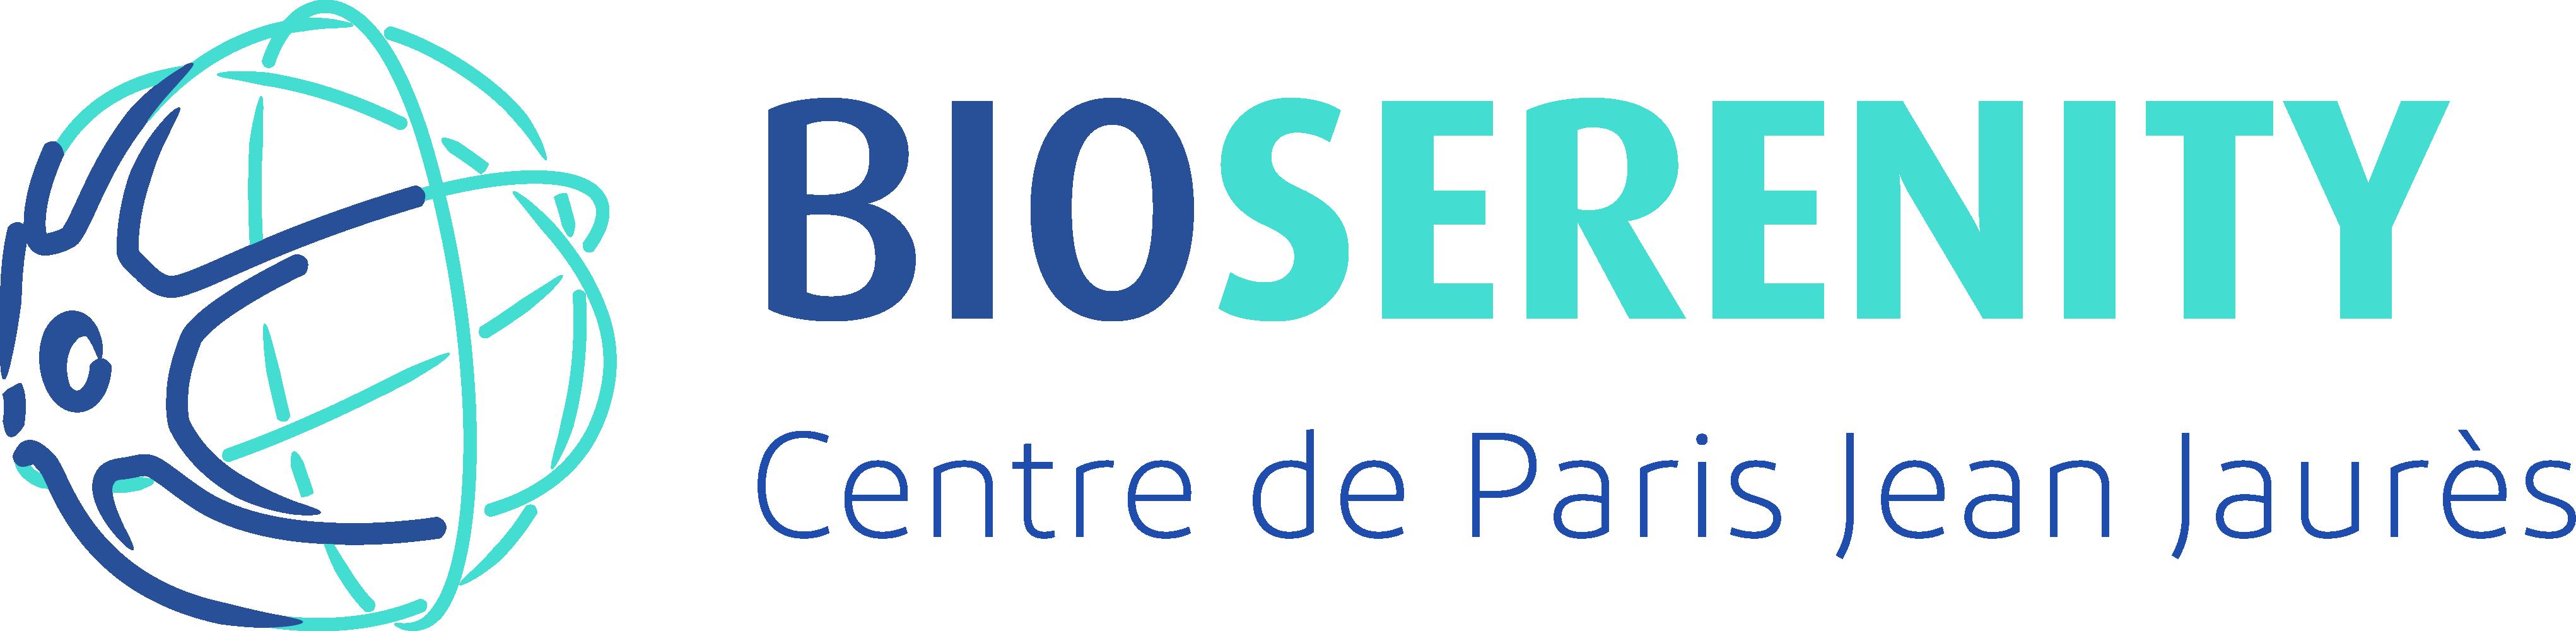 Centre BioSerenity Paris | Jean-Jaurès